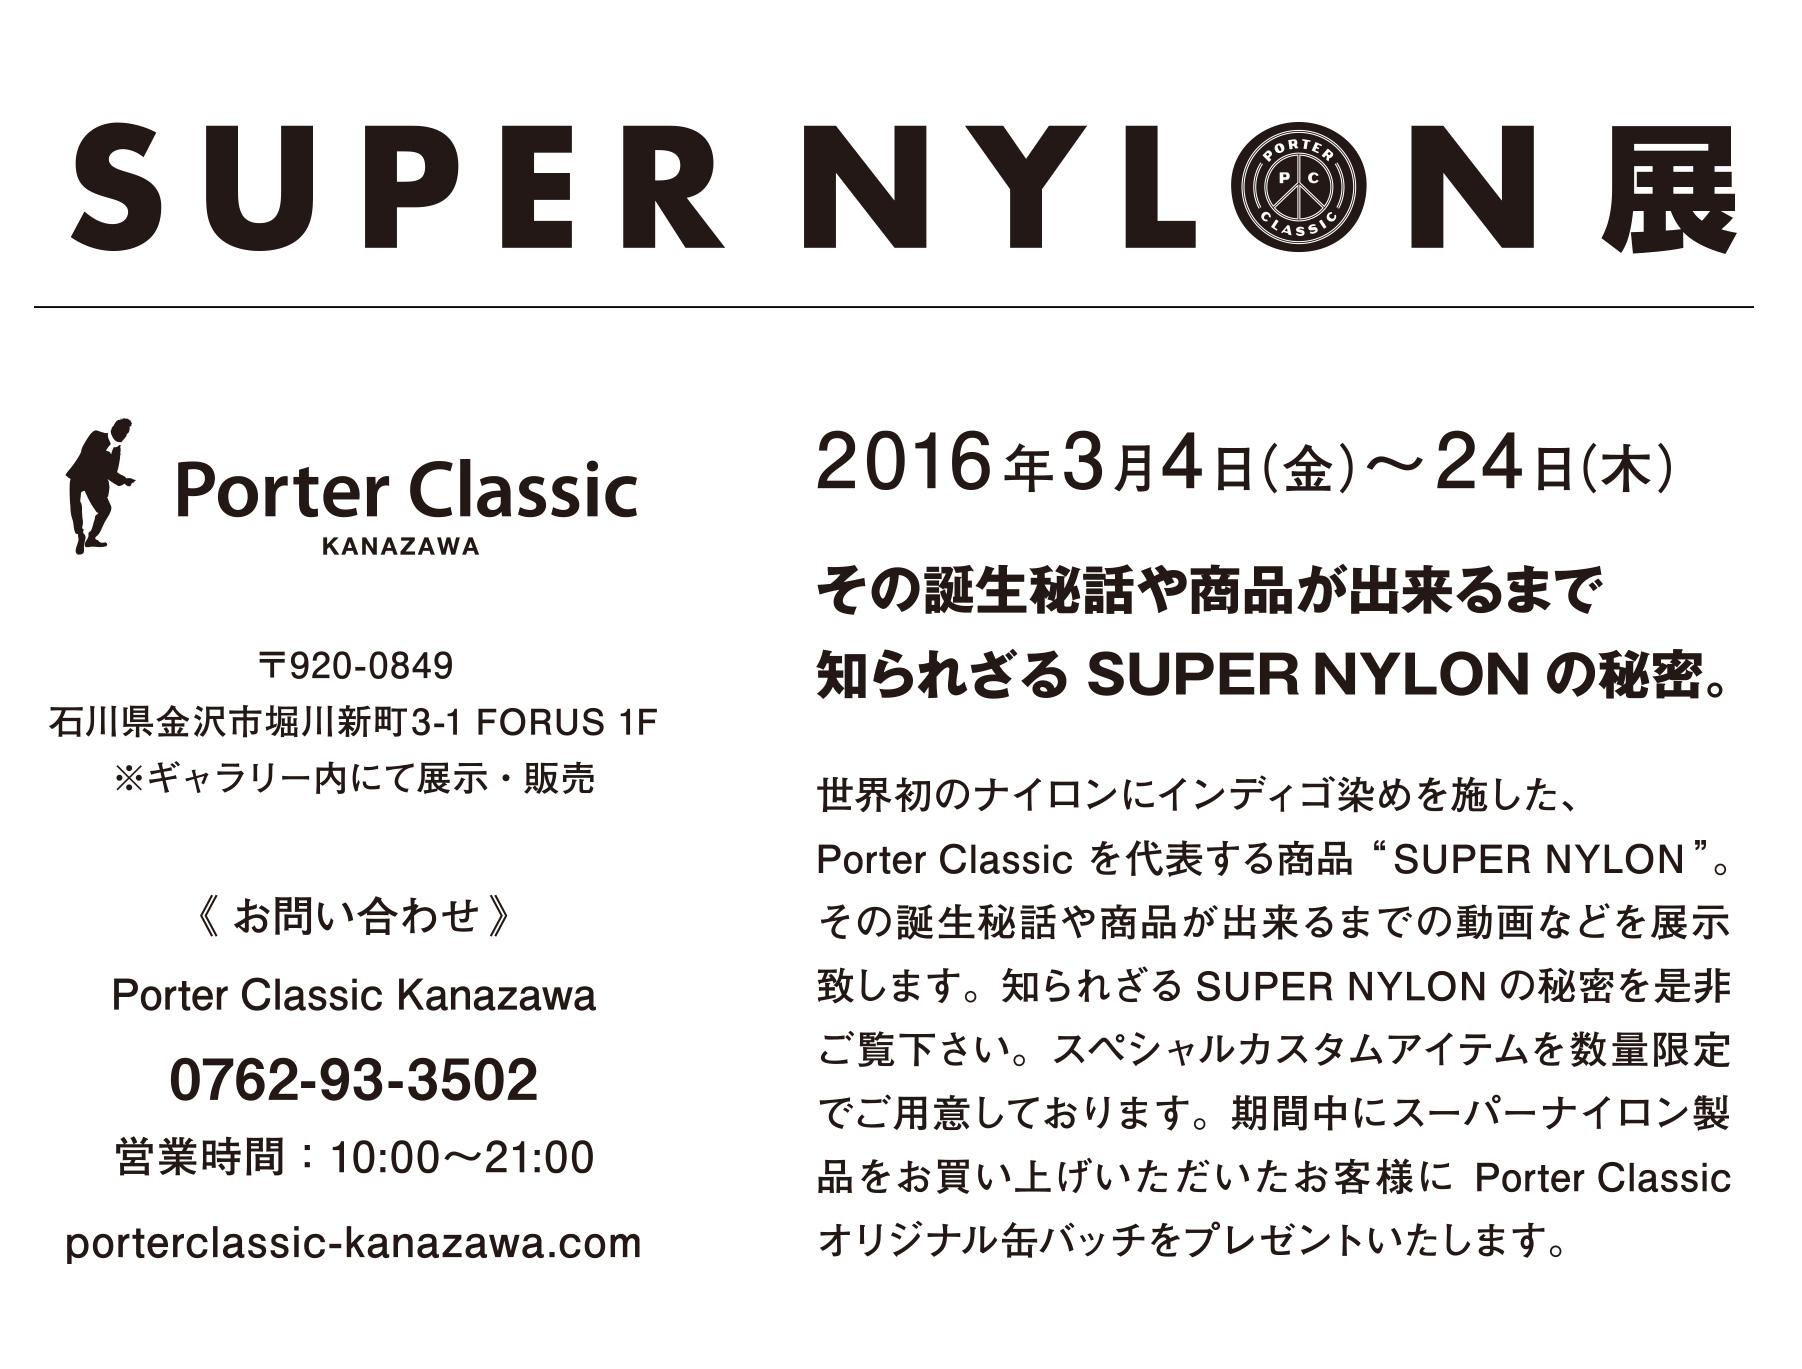 porterclassic_kanazawa_event